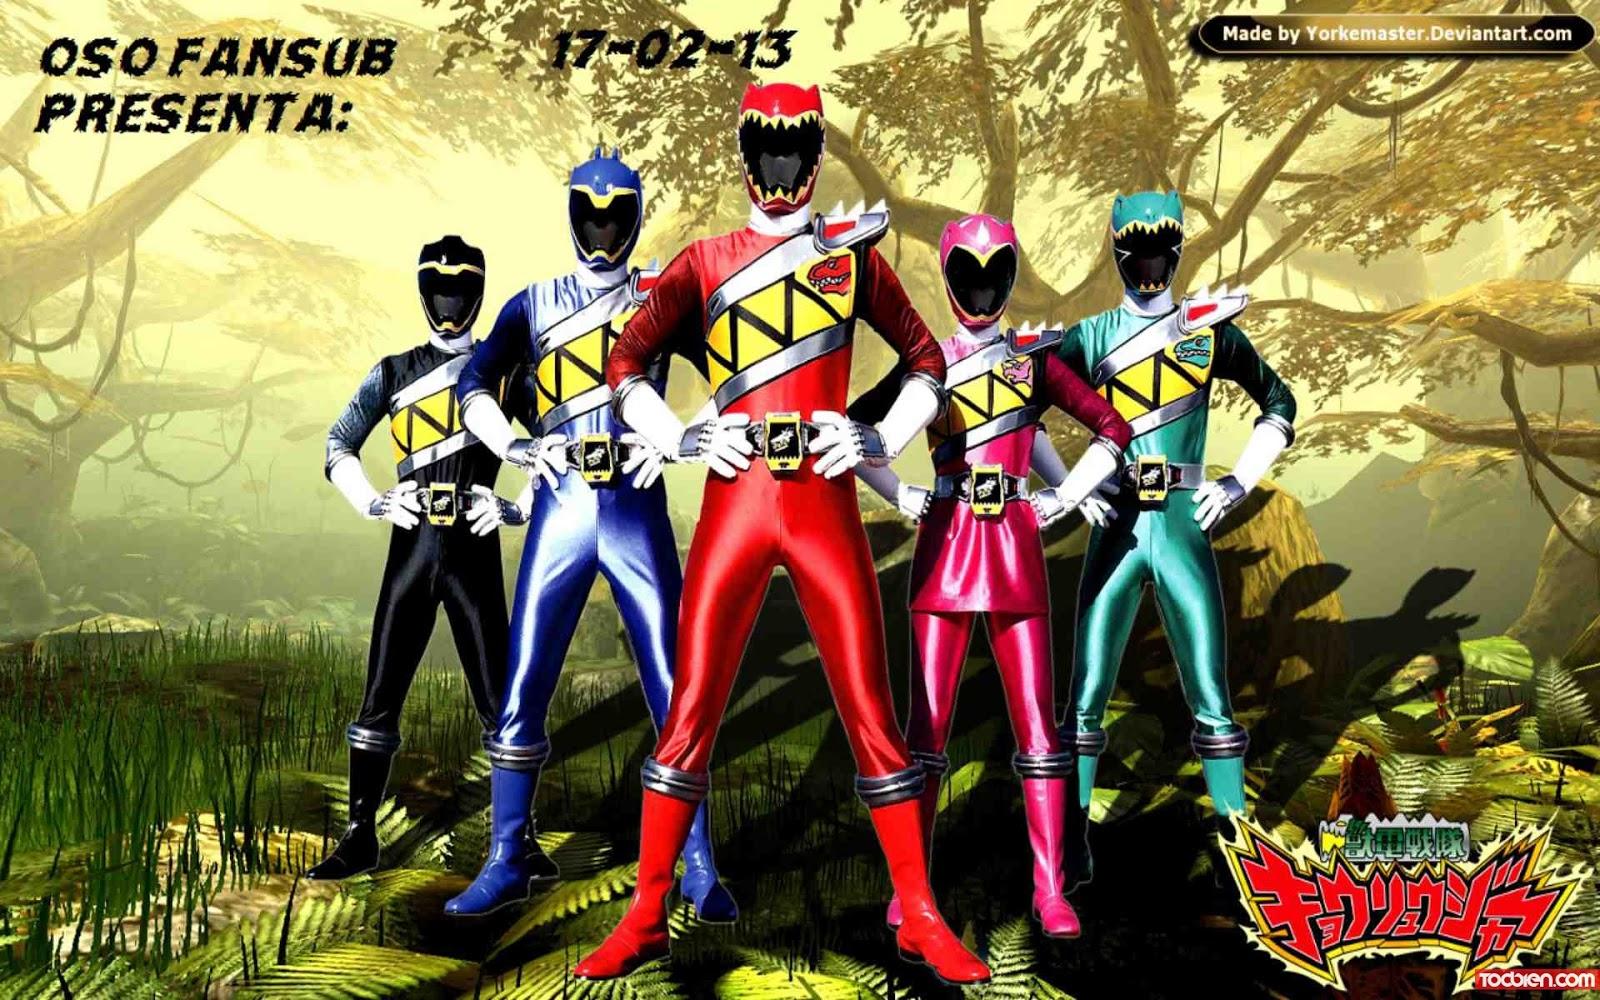 Xem Hình ảnh 5 anh em siêu nhân gao , Siêu nhân sấm sét đẹp nhất full trọn  bộ